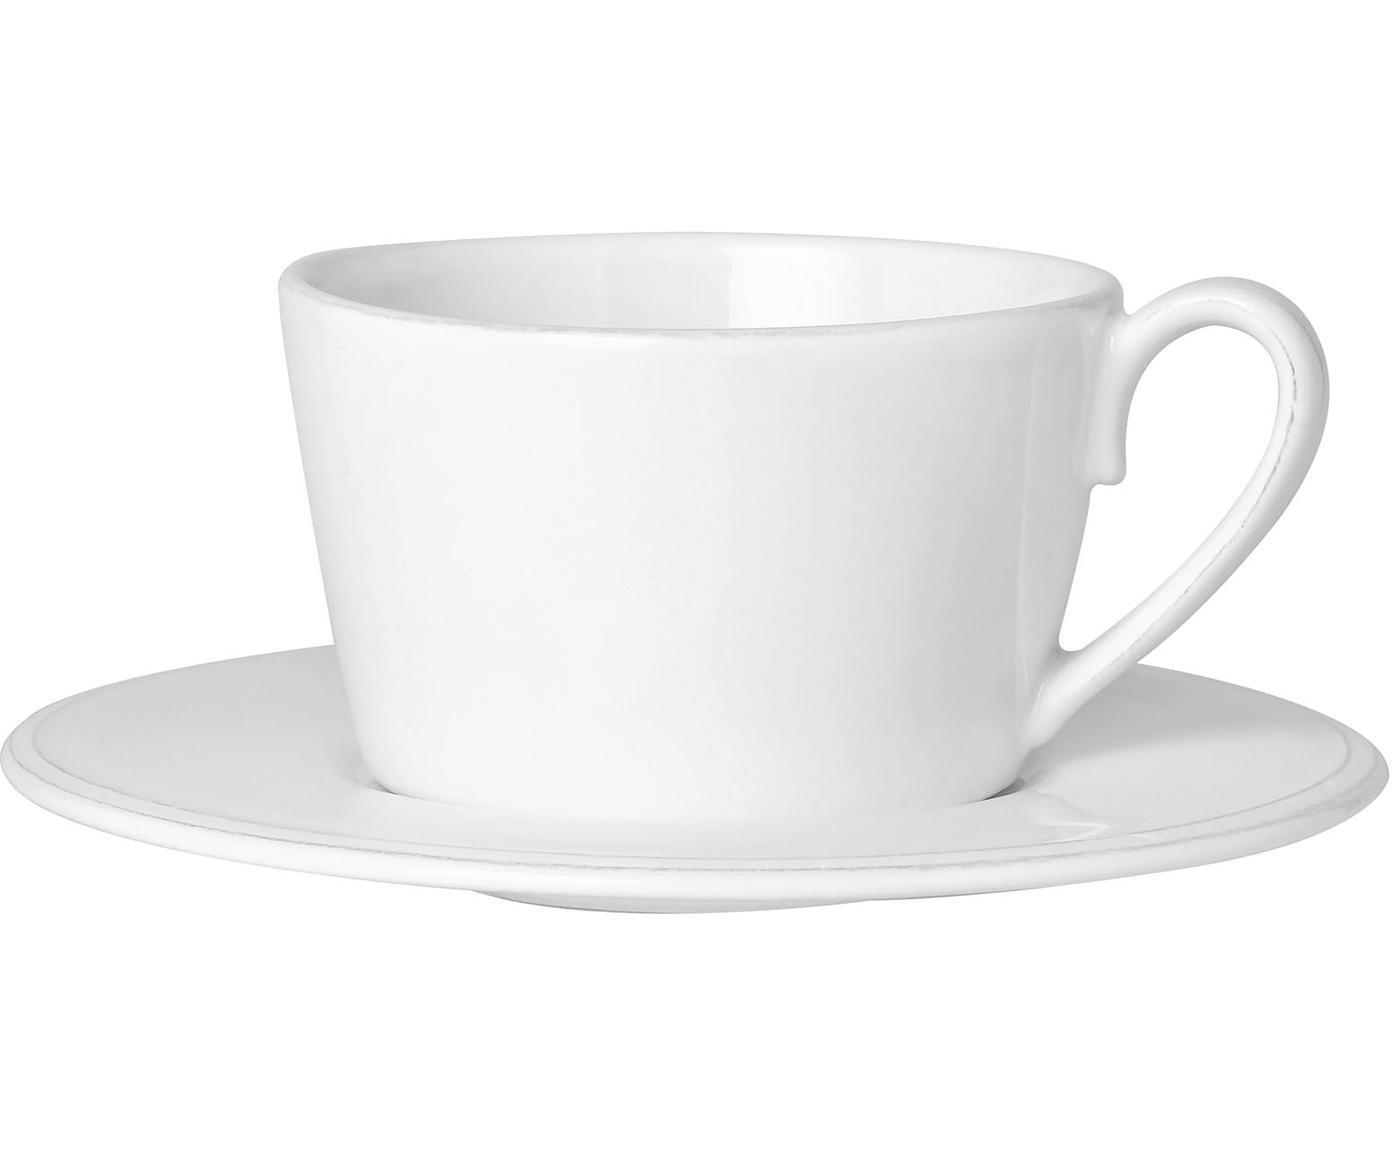 Taza de té con platito Constance, Gres, Blanco, Ø 19 x Al 8 cm